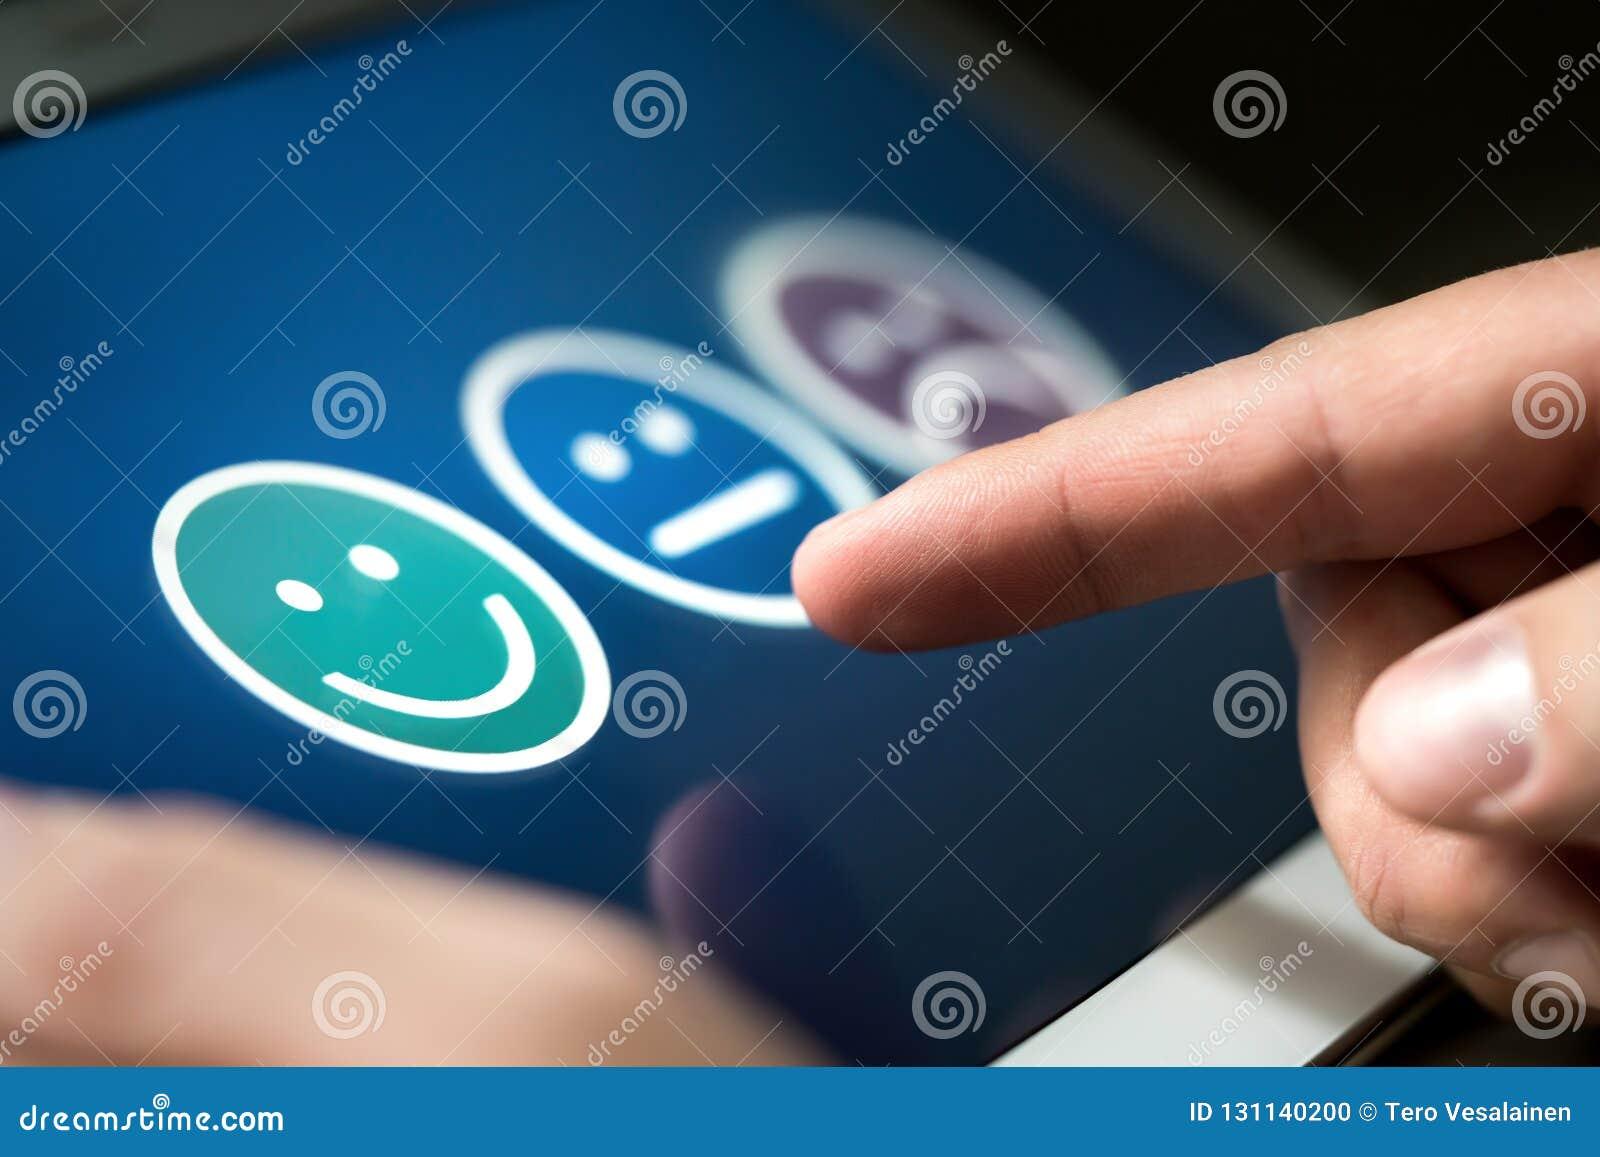 Encuesta, encuesta o cuestionario para la experiencia del usuario o la investigación de la satisfacción del cliente